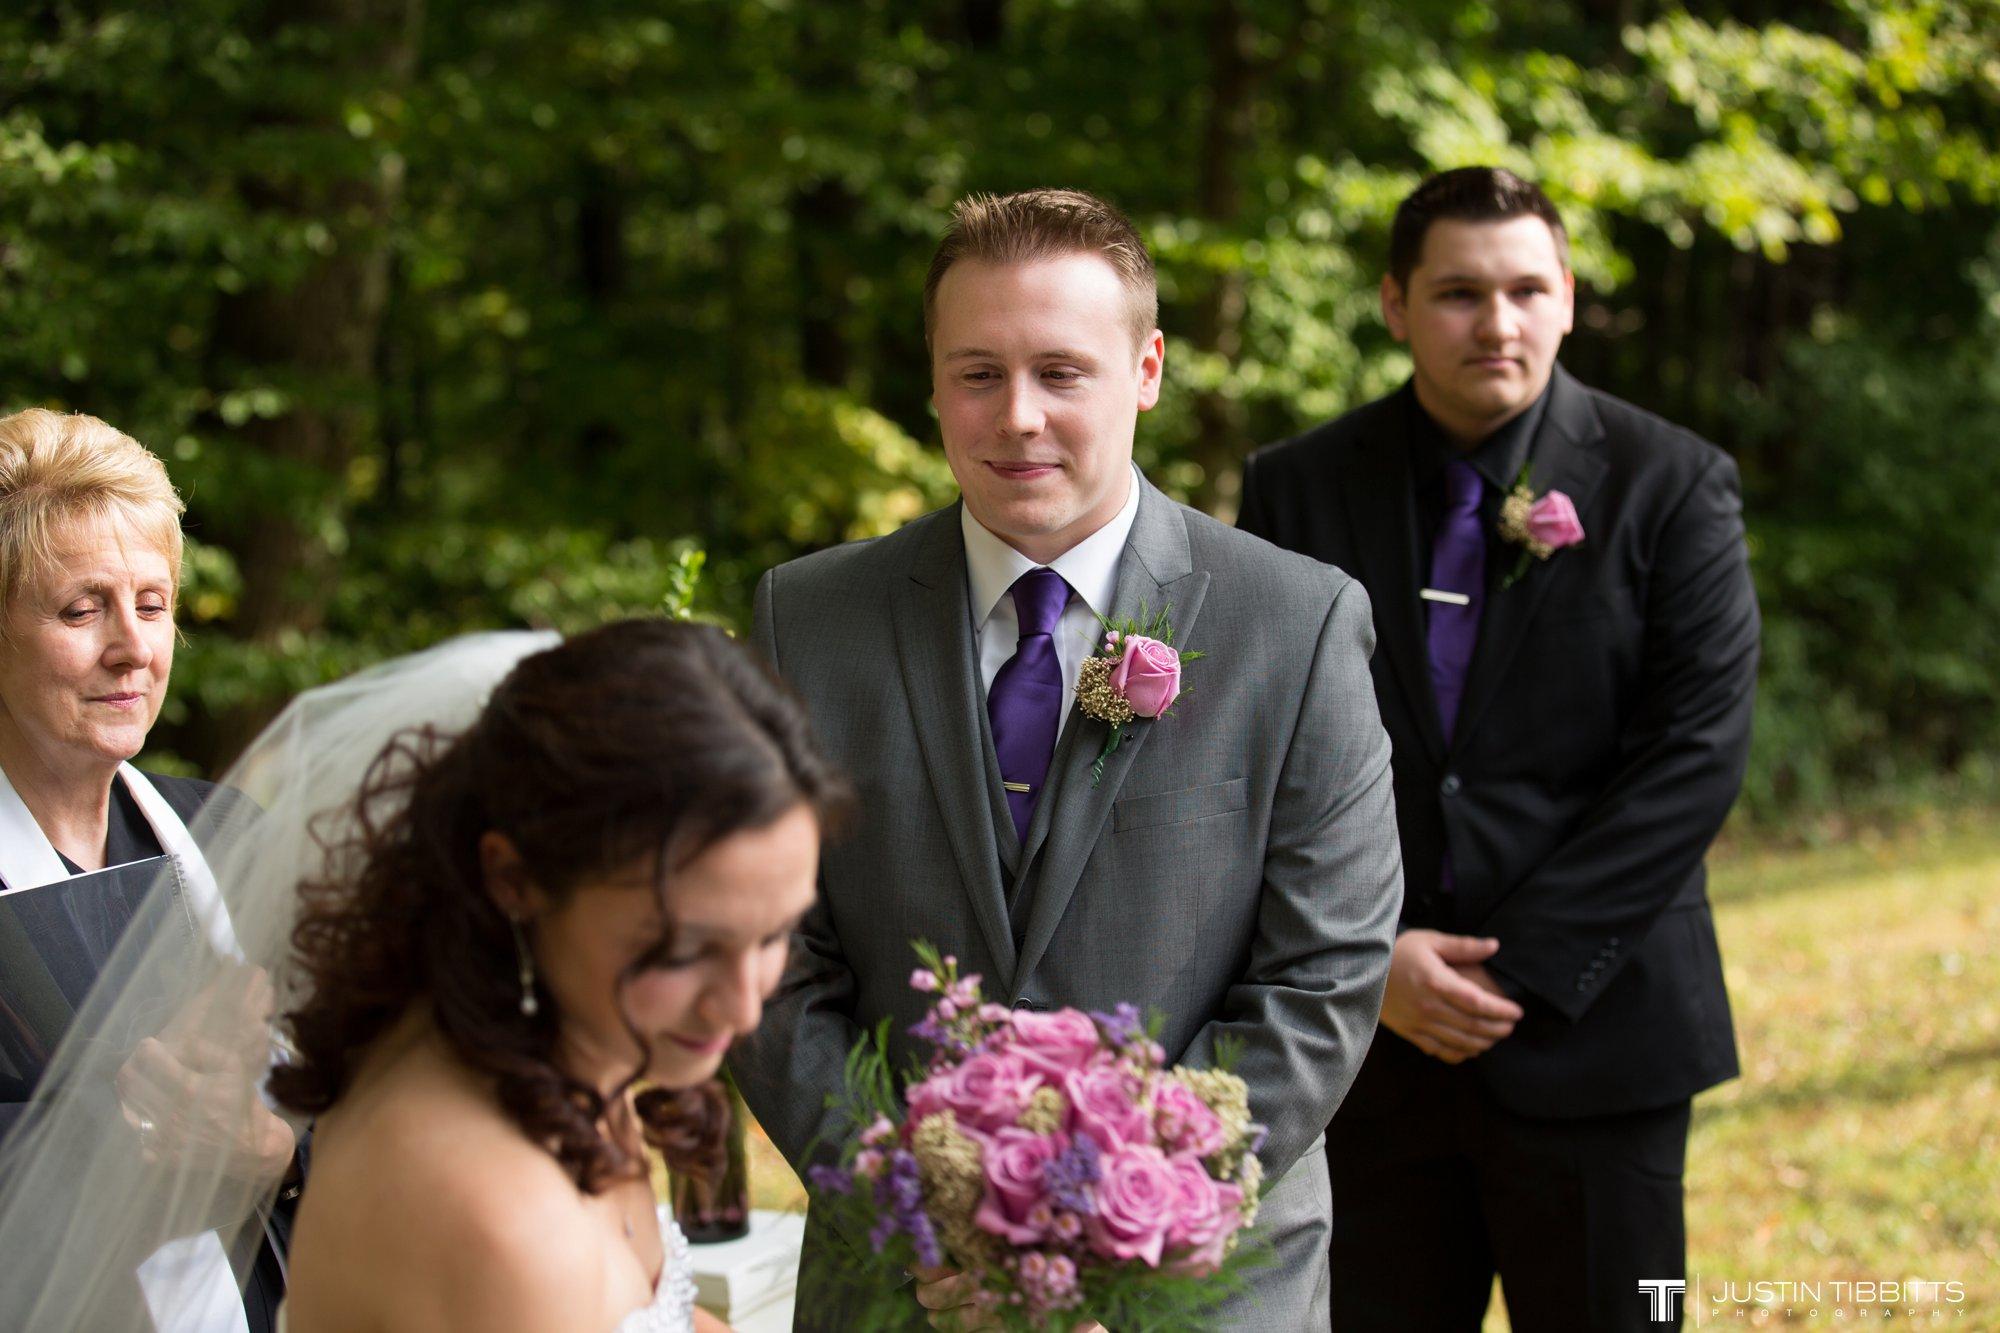 Justin Tibbitts Photography Rob and Brittany's Averill Park, NY Wedding_0376